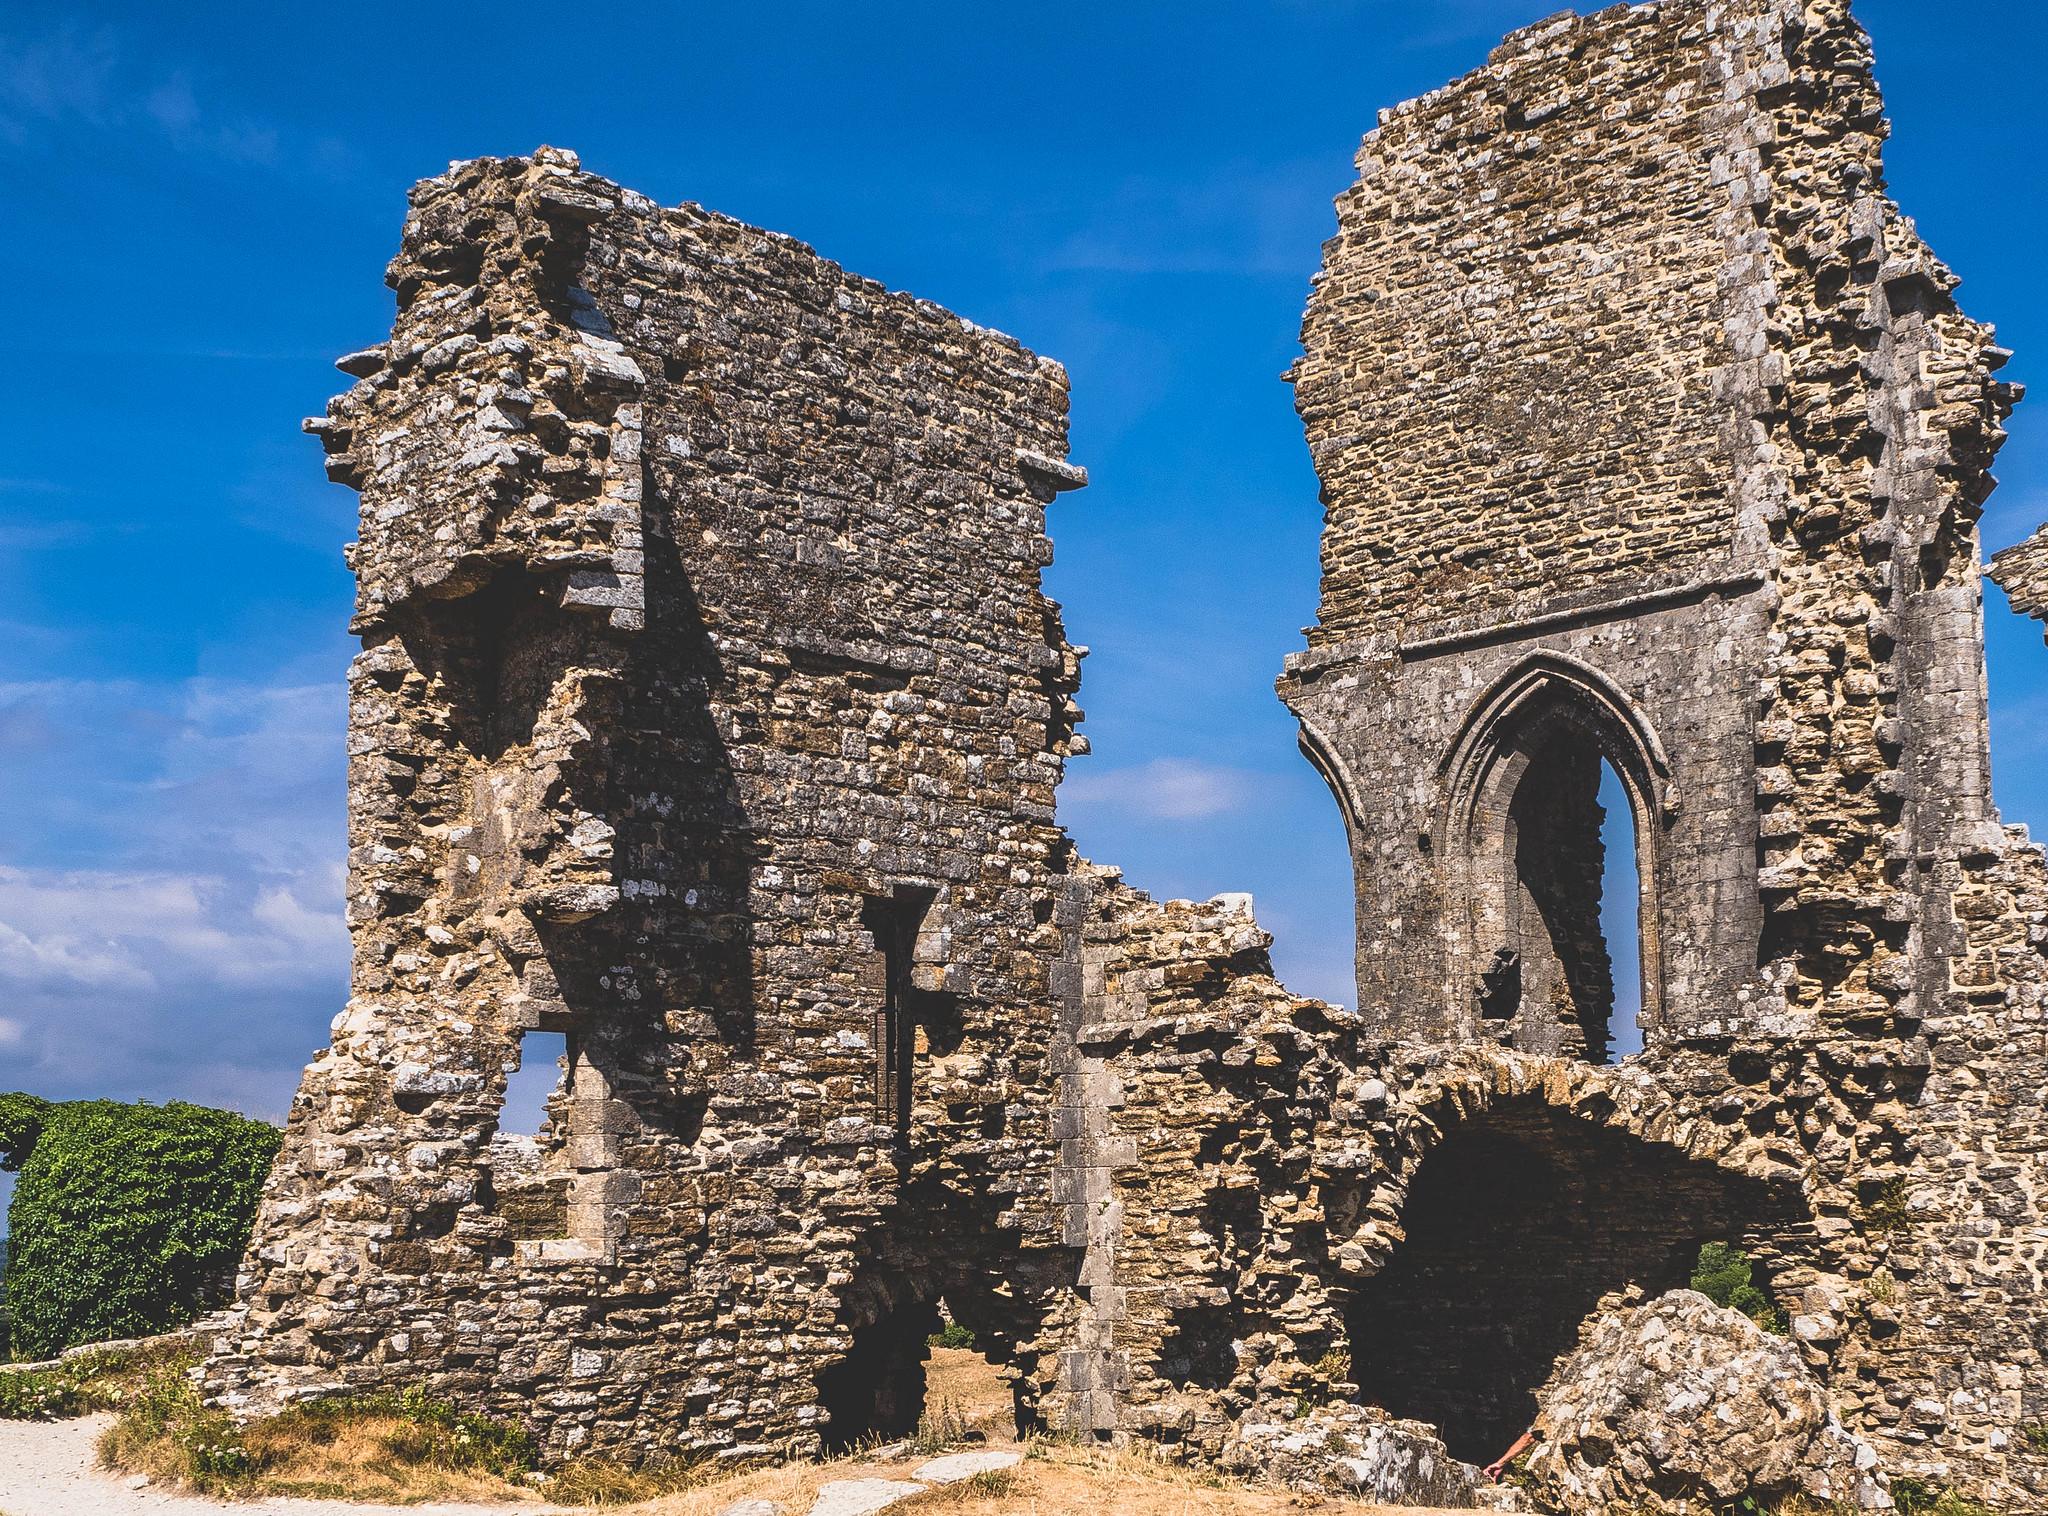 Corfe Castle Ruins - Inside Ruins